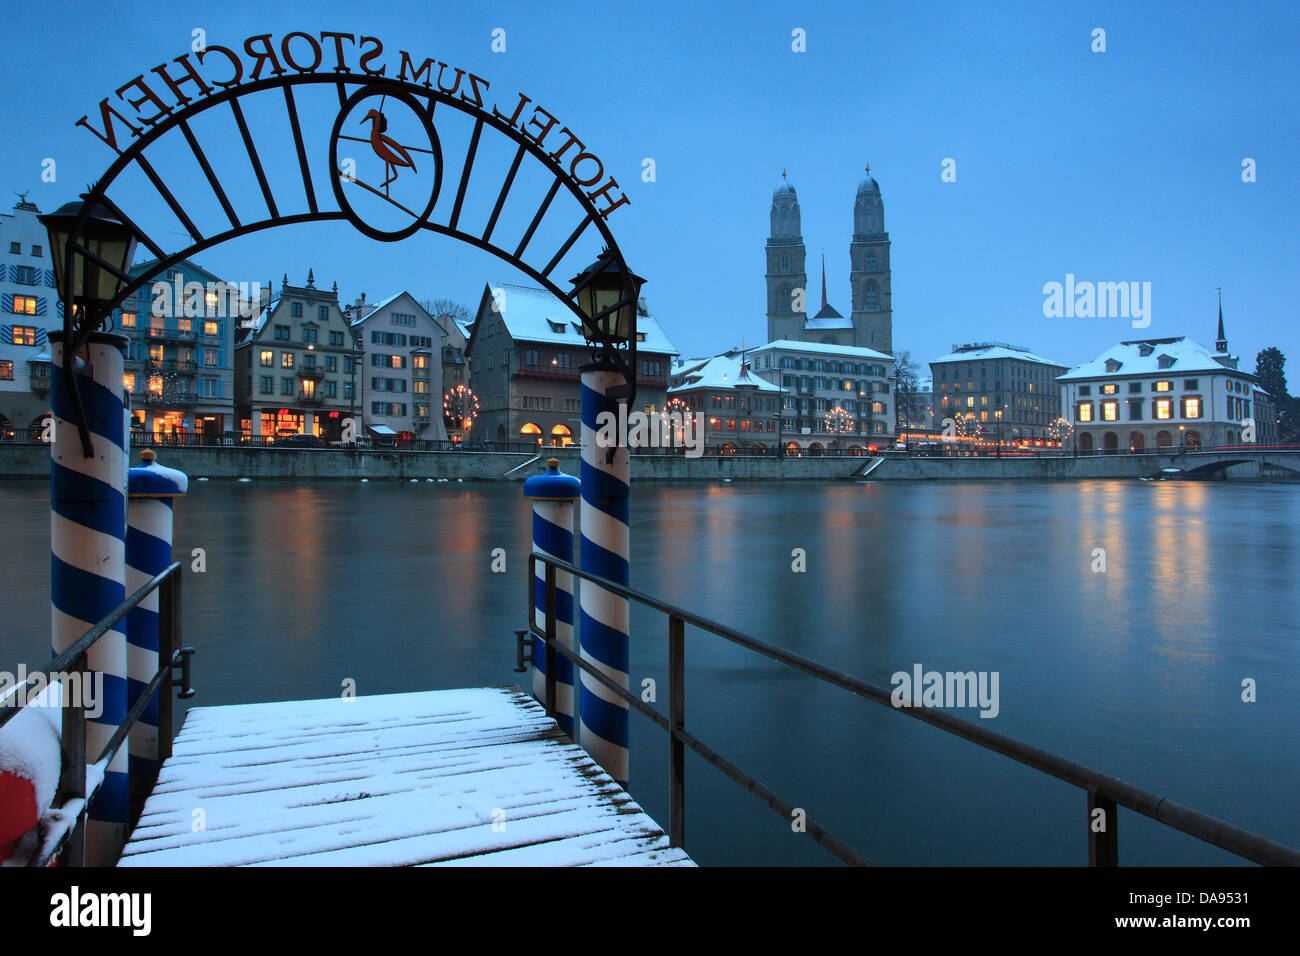 Advent, Beleuchtung, Beleuchtung, Adventszeit, Old Town, Landung, Bühne, Bootssteg, Stadt, Dämmerung, Stockbild